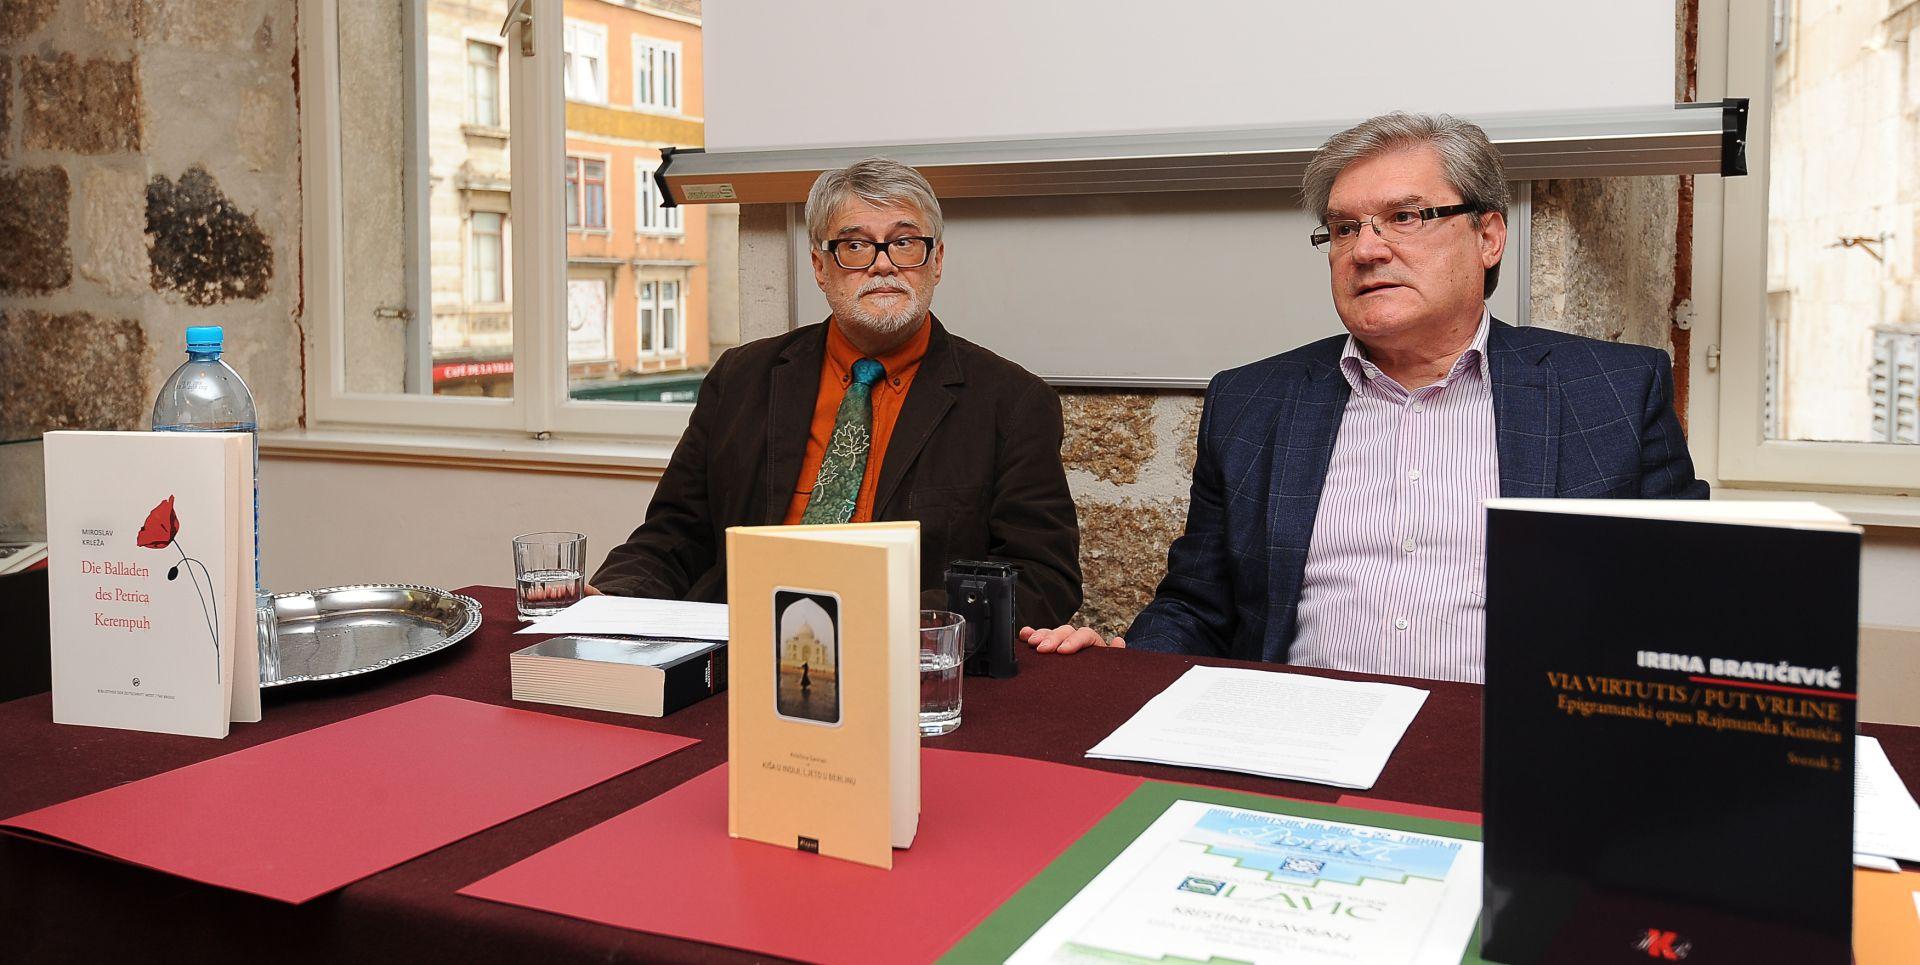 """Dobitnici književnih nagrada """"Judita"""", """"Davidias"""" i """"Slavić"""" Irena Bratičević, Boris Perić i Kristina Gavran"""